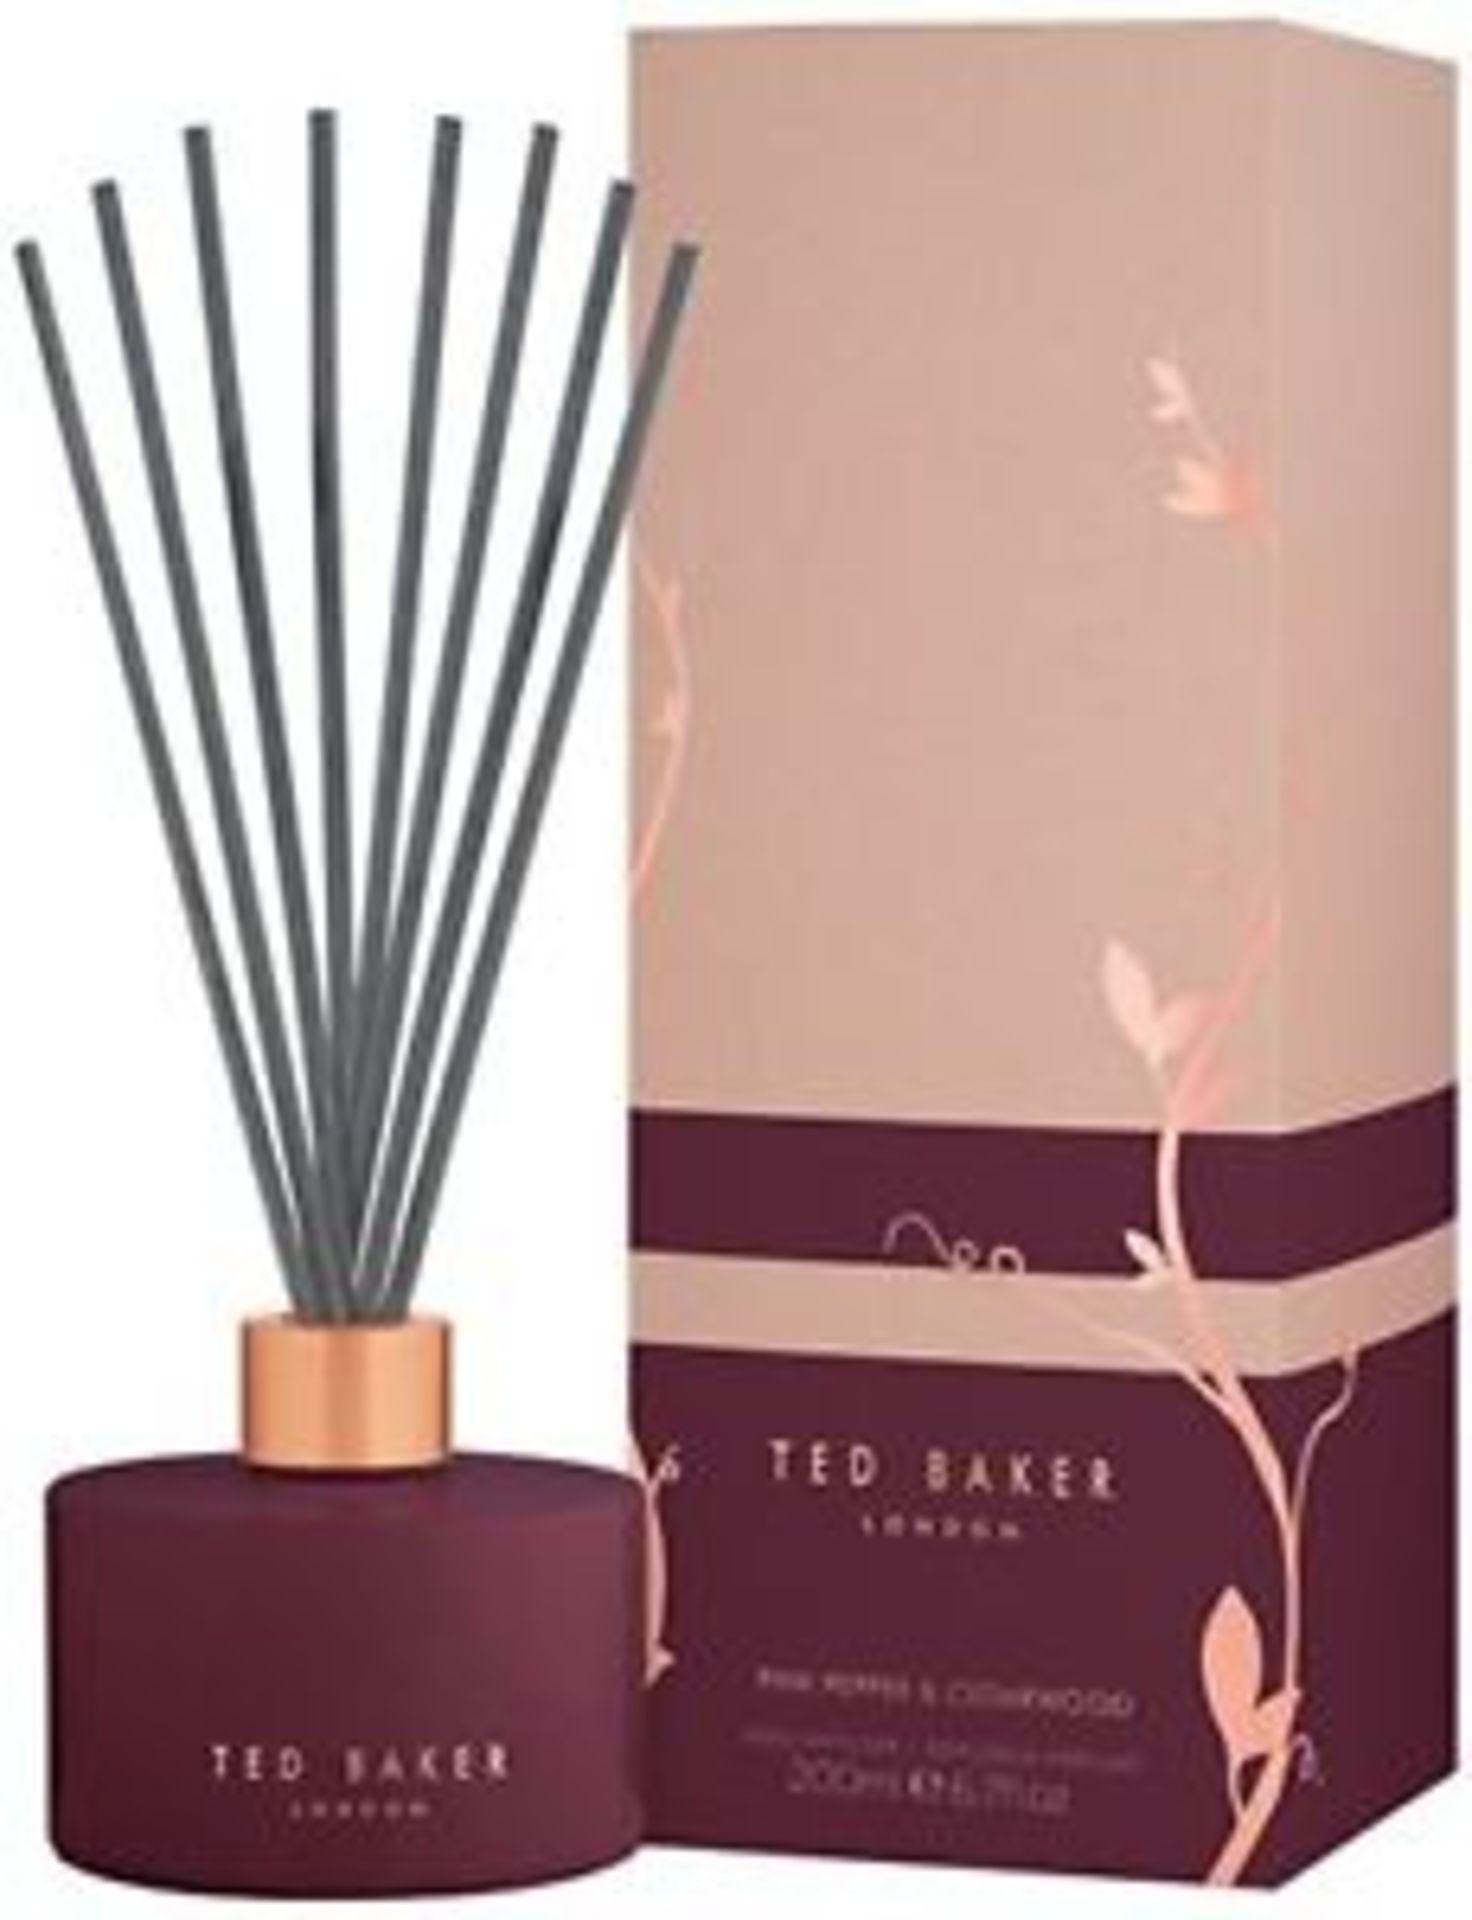 Lot 50100 - V Brand New Ted Baker Pink Pepper & Cedarwood Reed Diffuser - ISP £34.00 (John Lewis)